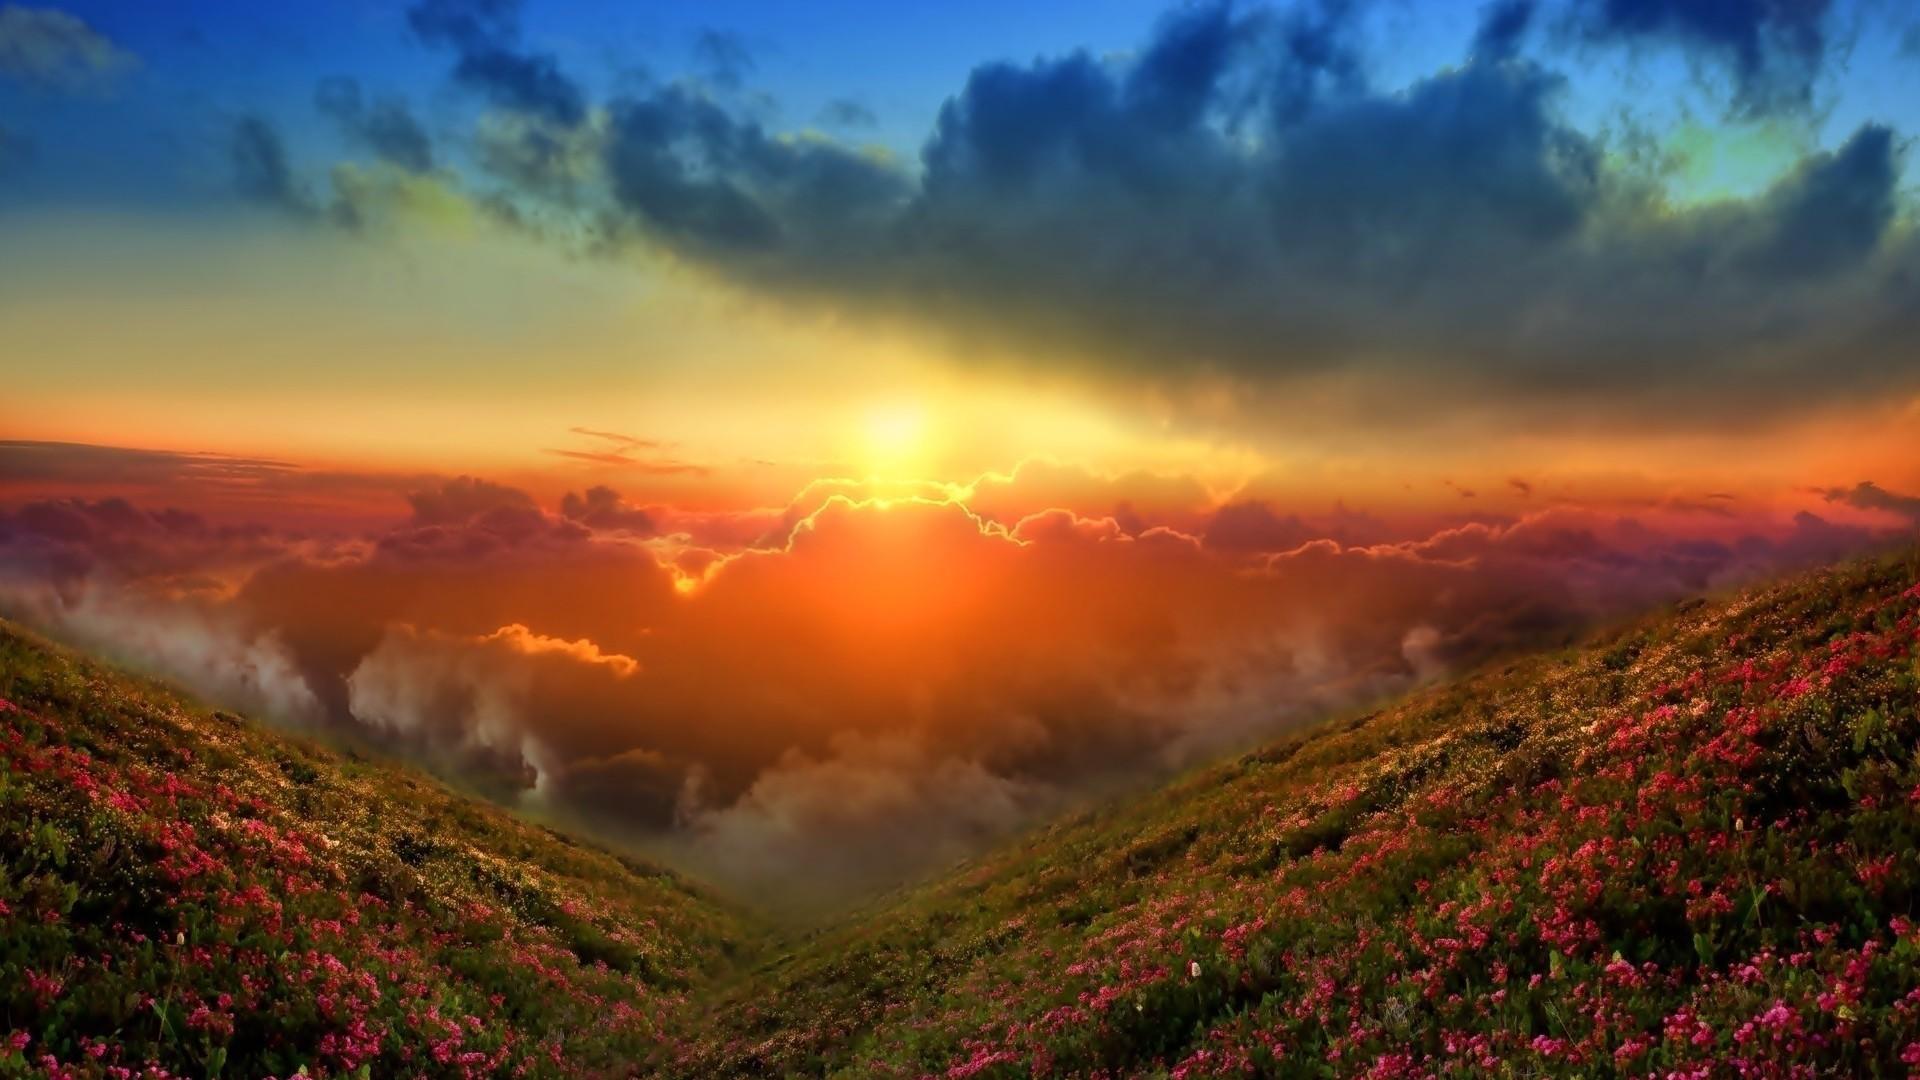 закат лучи солнце цветы горы без смс